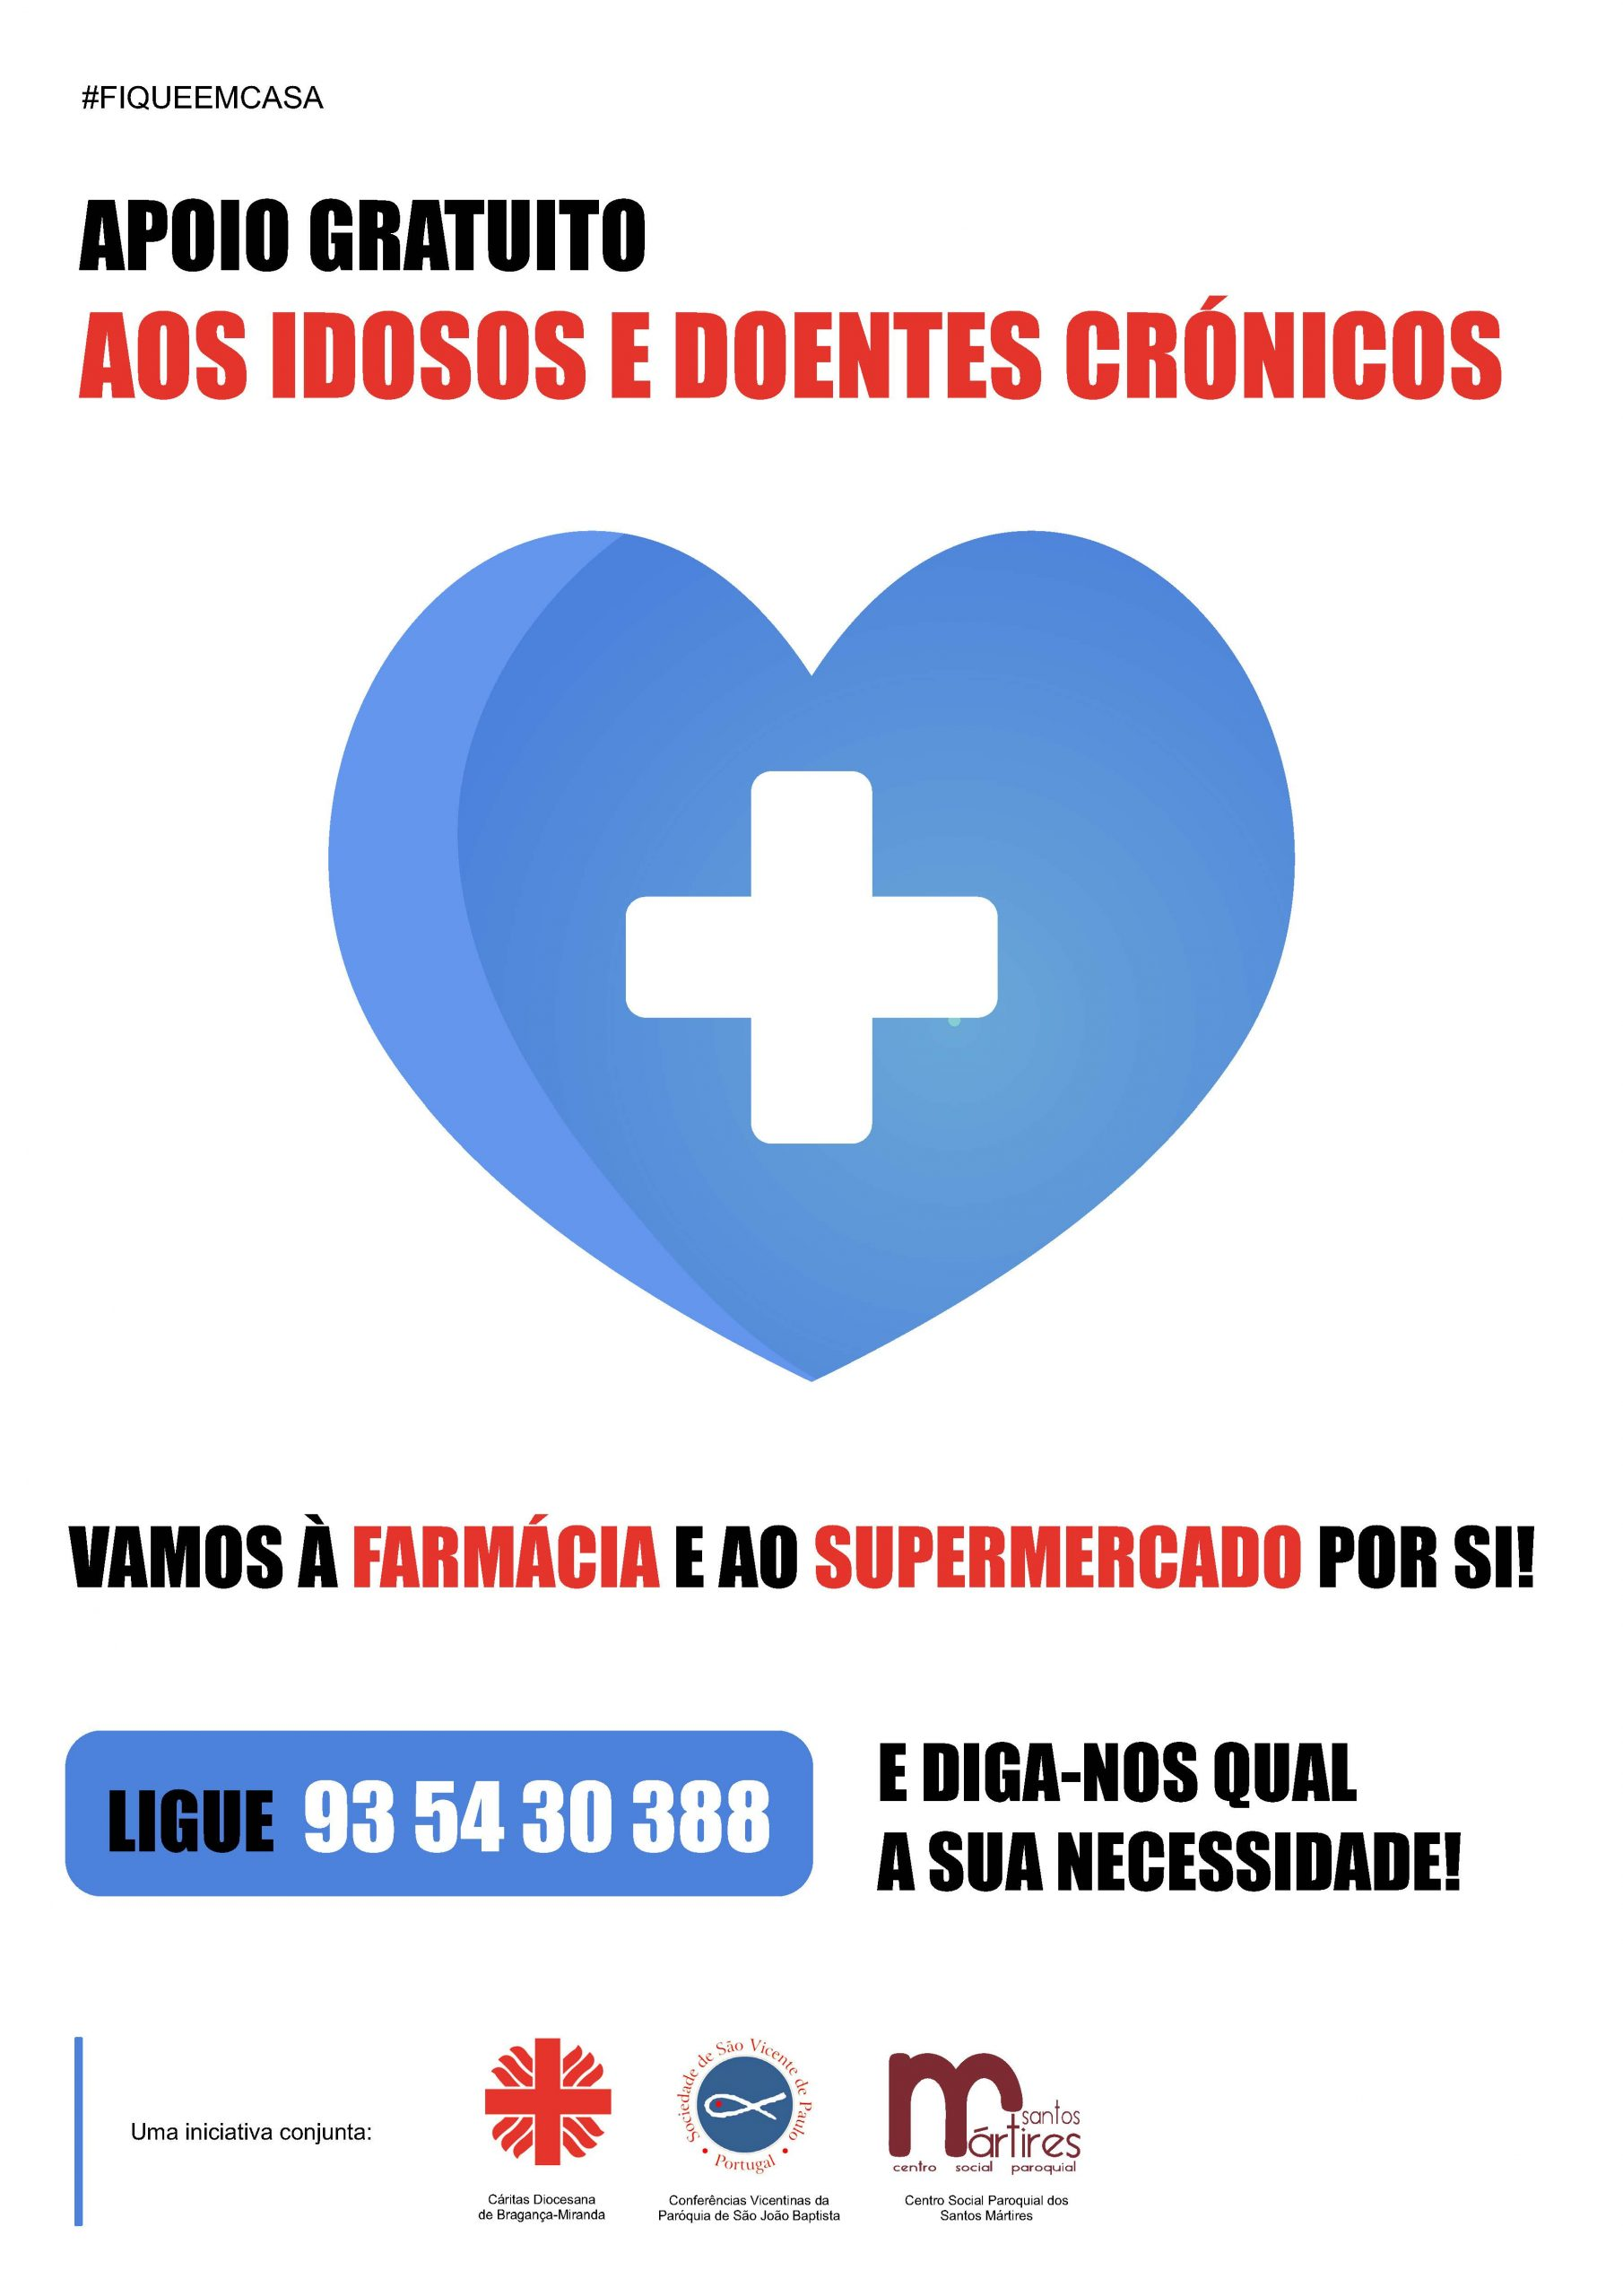 Covid19: Instituições de Bragança unidas no apoio aos mais vulneráveis